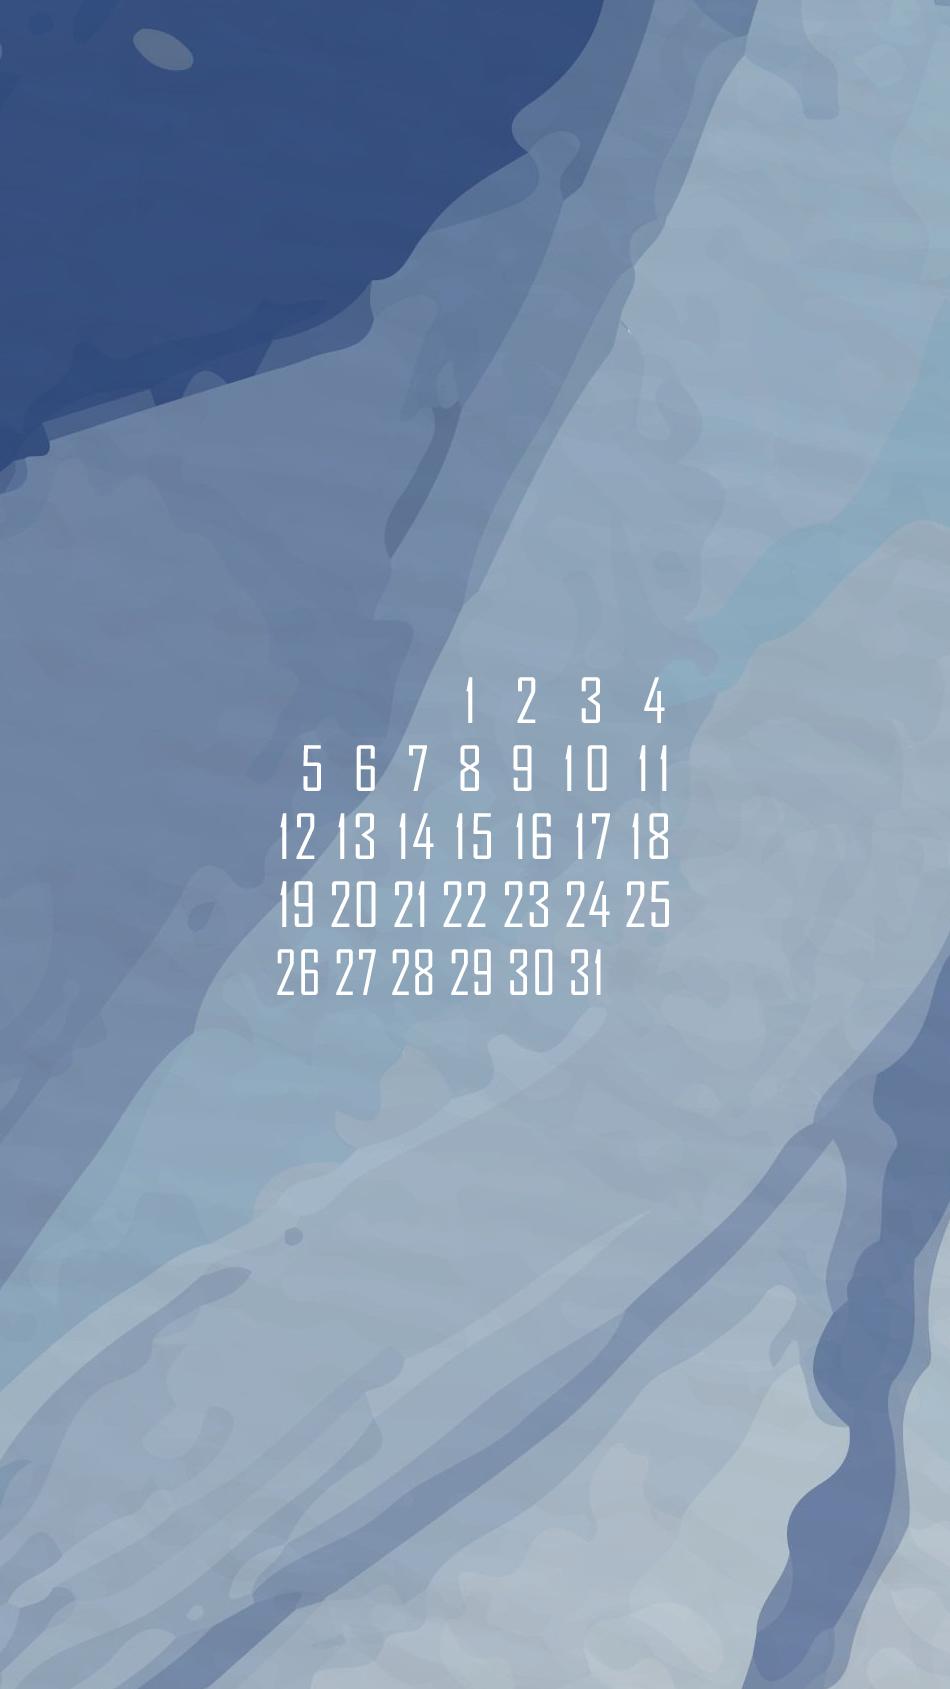 заставка на смартфон, district-f.org календарь на июль 3